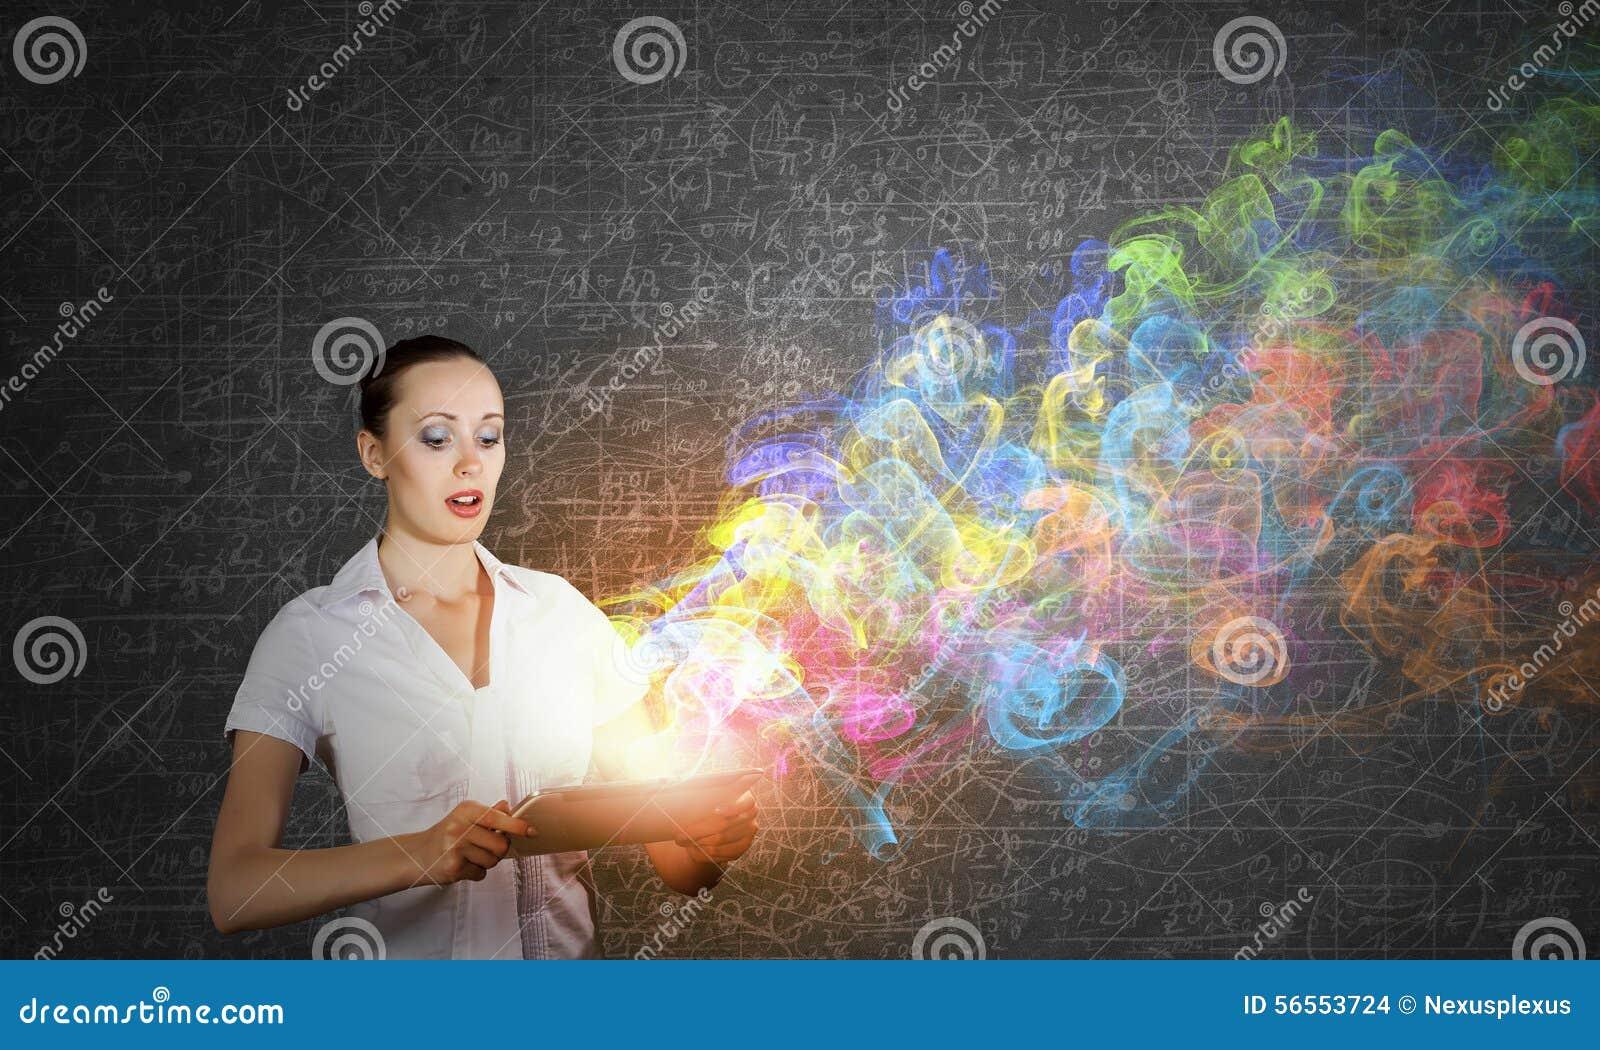 Download Αξιολογήστε την έκφραση χρώματος Στοκ Εικόνες - εικόνα από υπολογιστής, μασαχουσέτη: 56553724